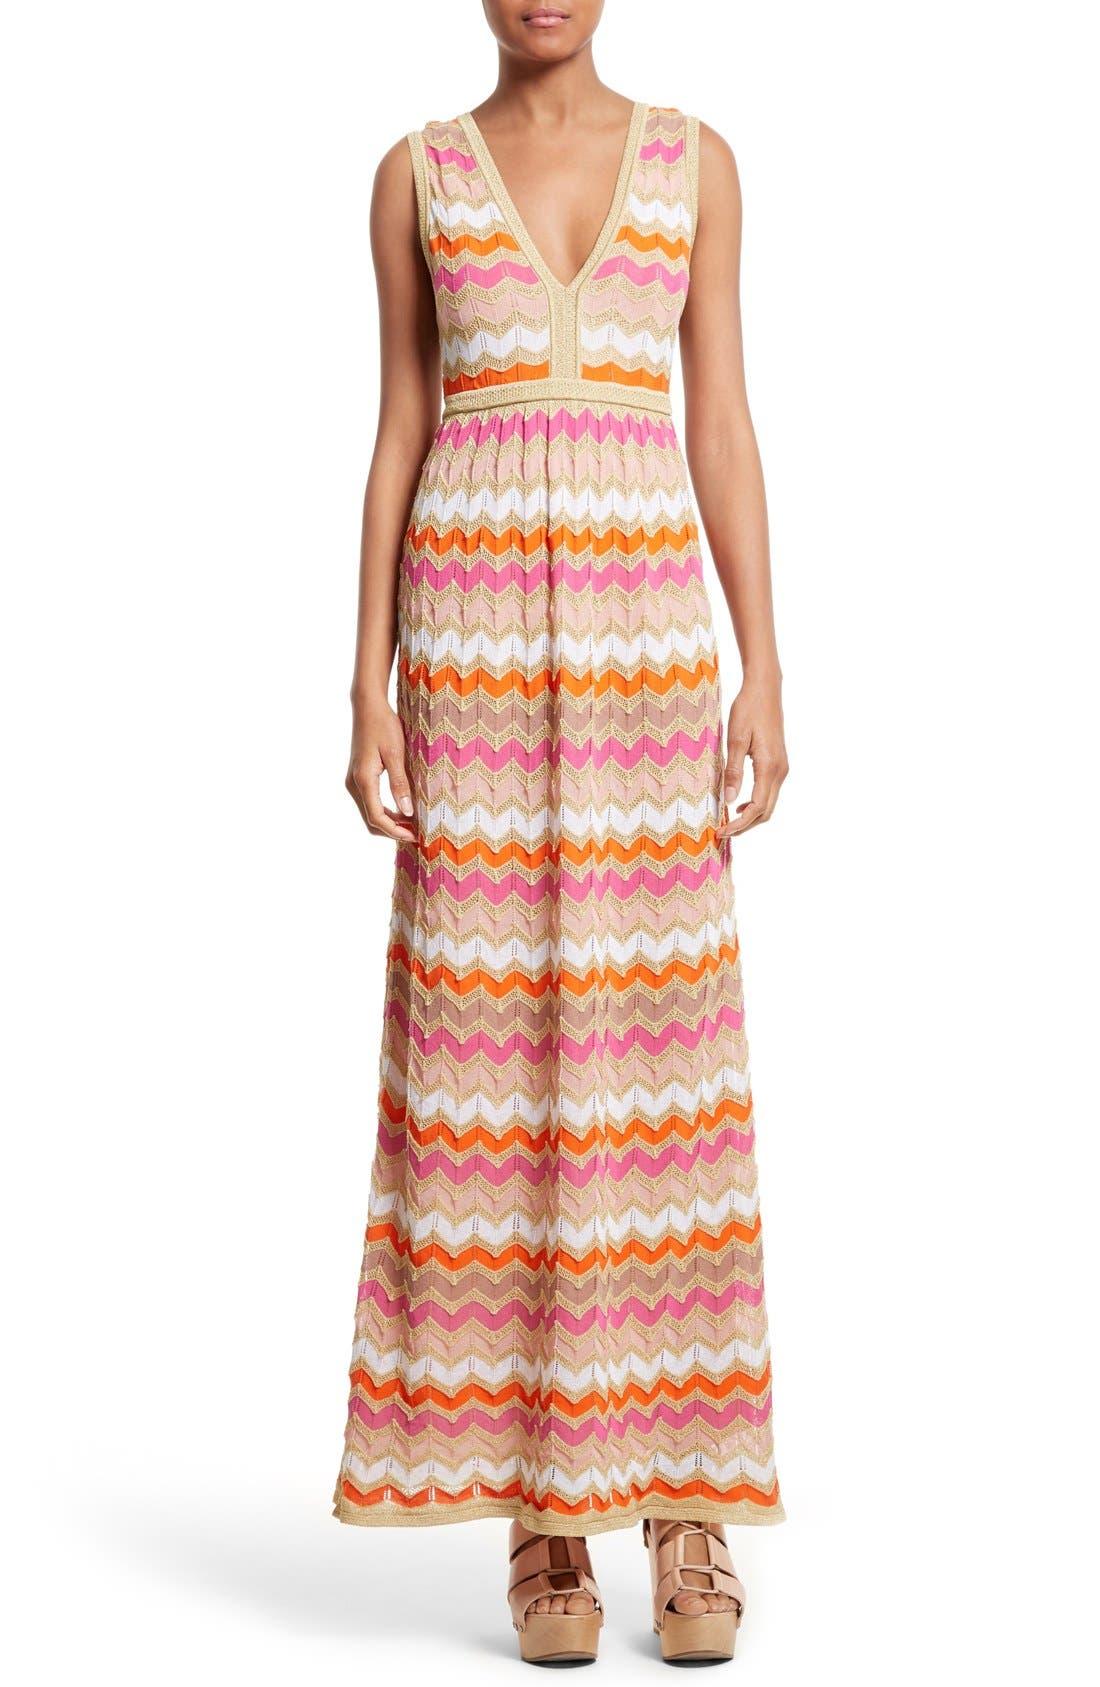 M Missoni Ombré Zigzag Knit Maxi Dress